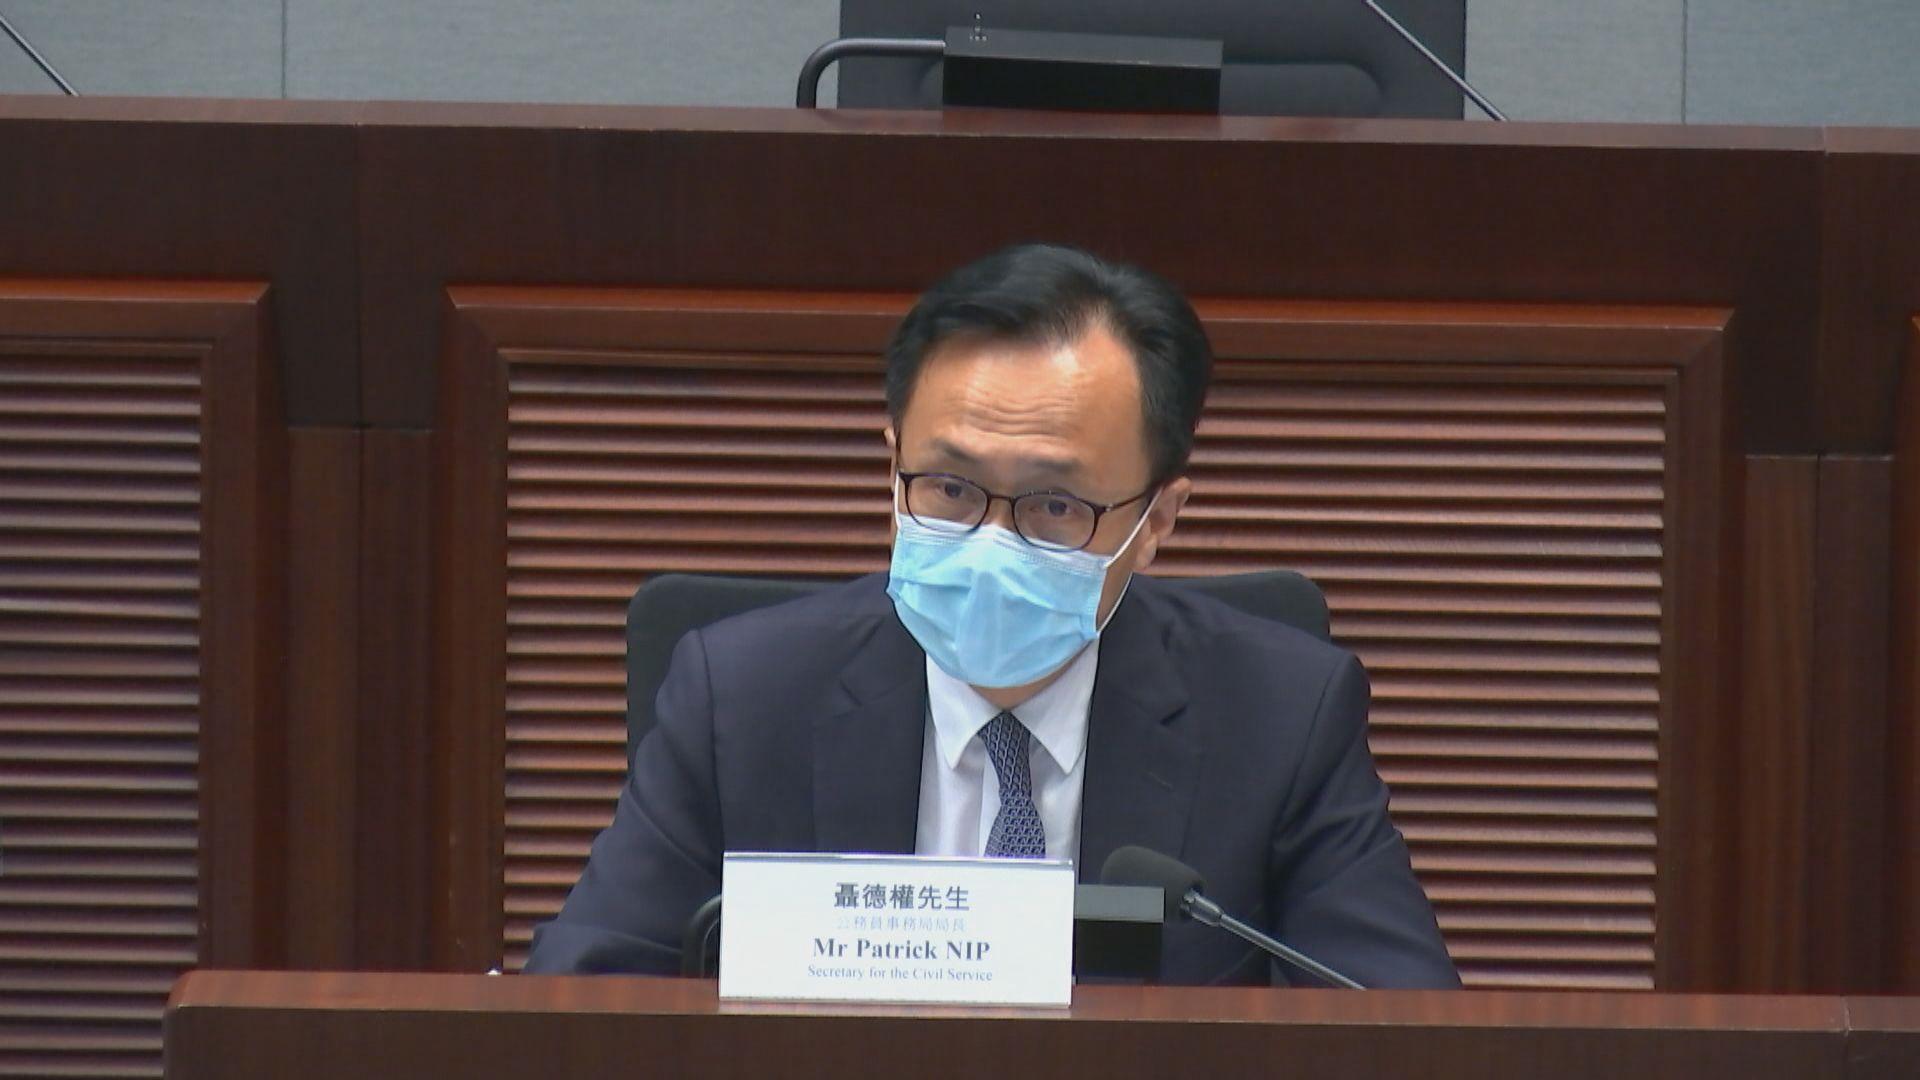 高拔陞:醫管局新冠疫苗諮詢服務不會影響門診日常運作